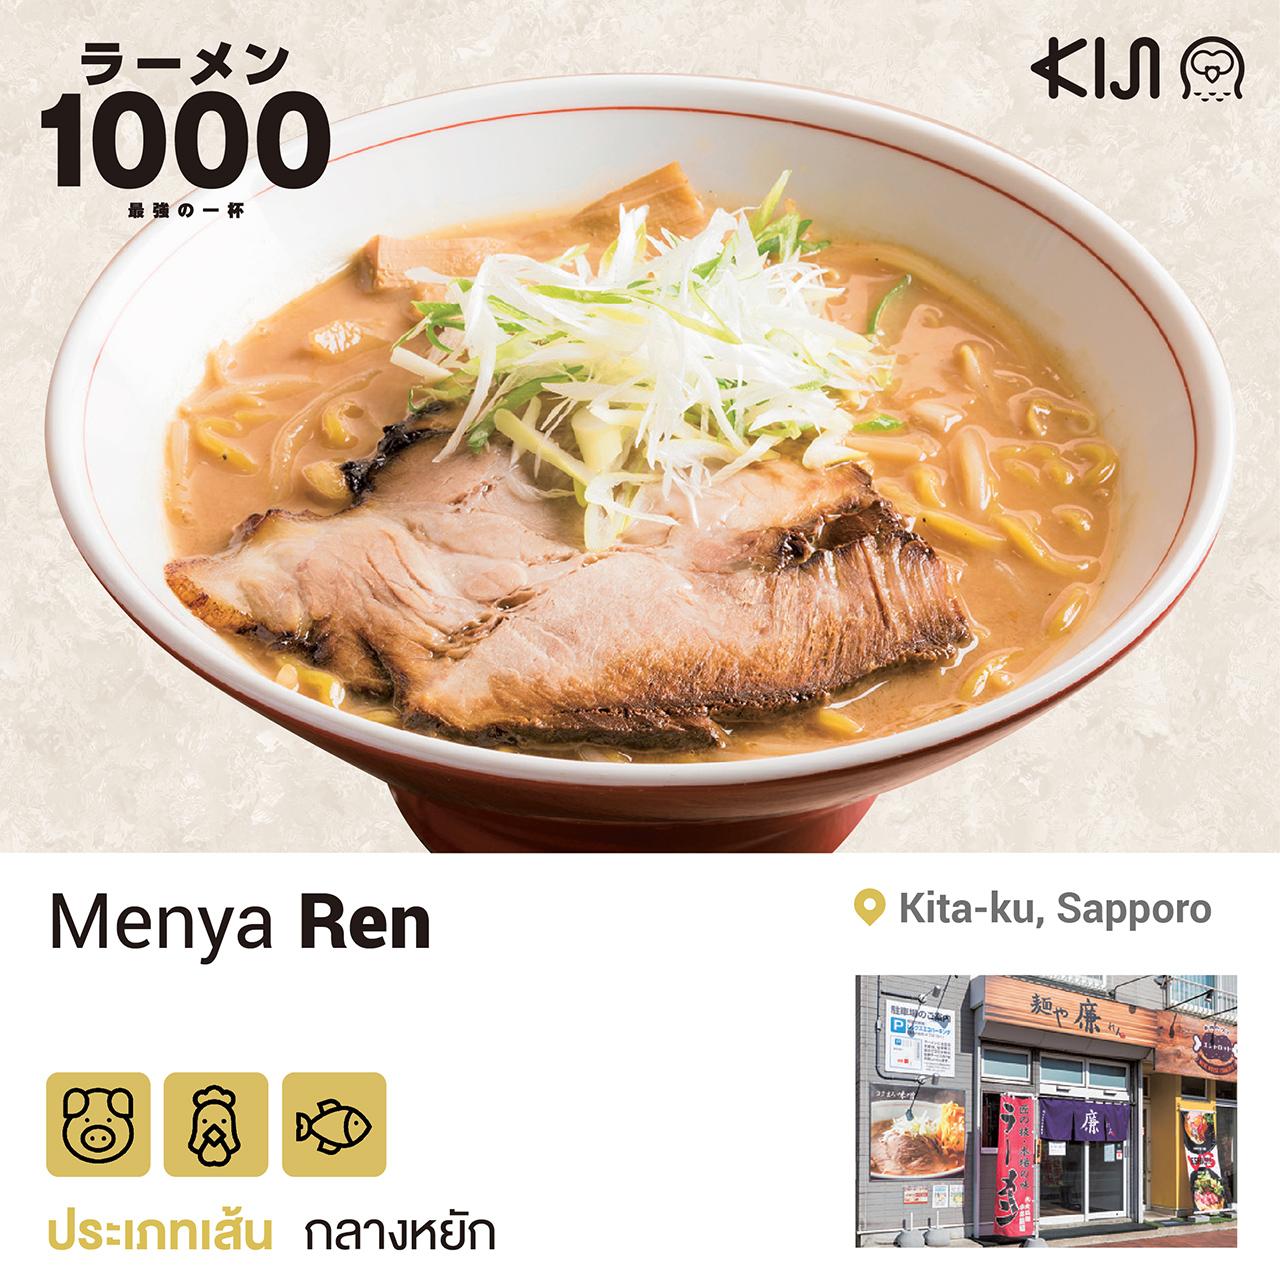 ร้านราเมน เขตคิตะ เมืองซัปโปโร จ.ฮอกไกโด - Menya Ren